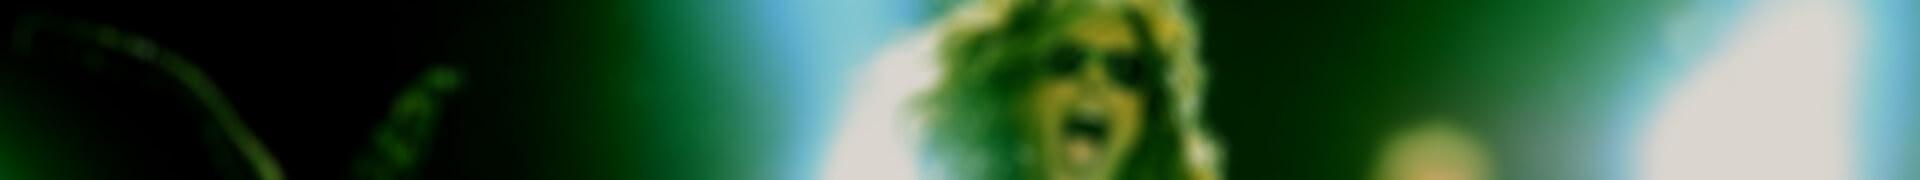 ingressos-slider-aerosmith